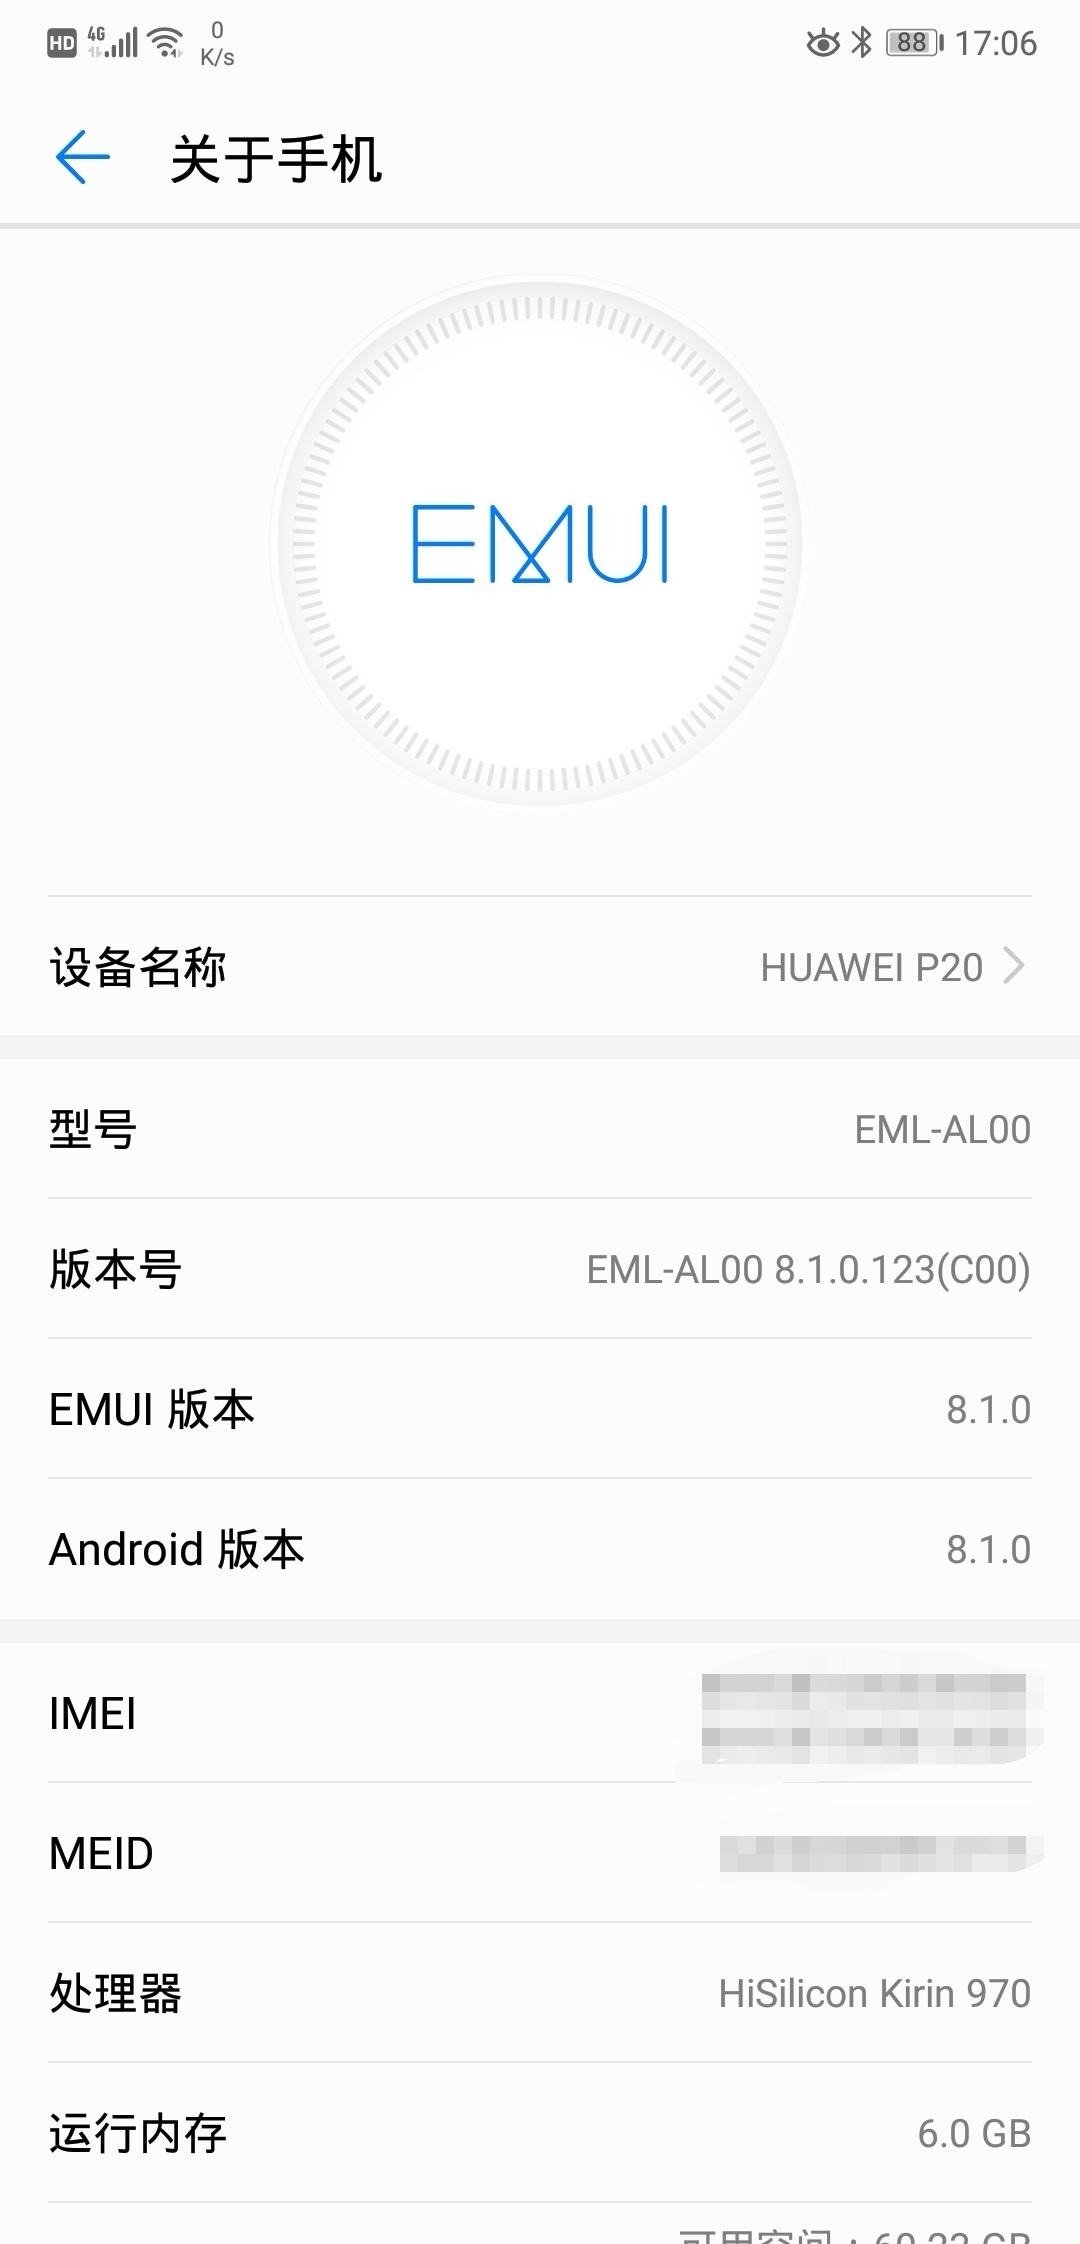 Screenshot_20200511_170723.jpg